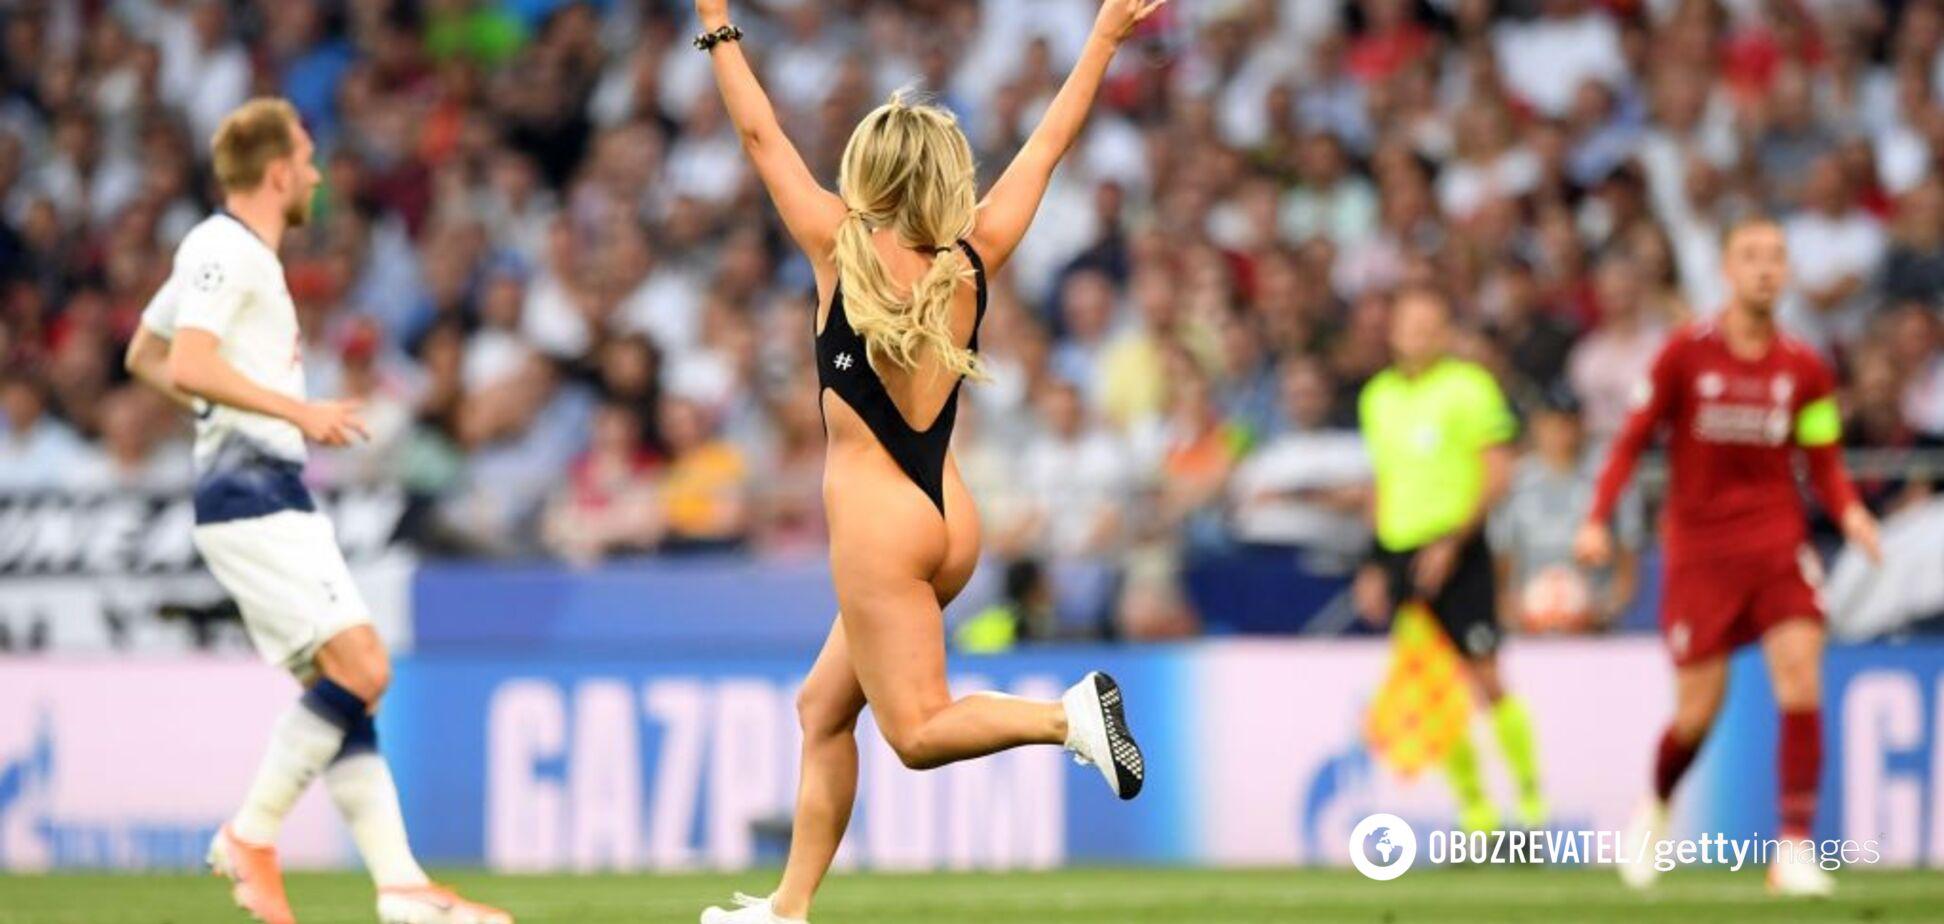 Полуголая болельщица выбежала на поле во время финала Лиги чемпионов